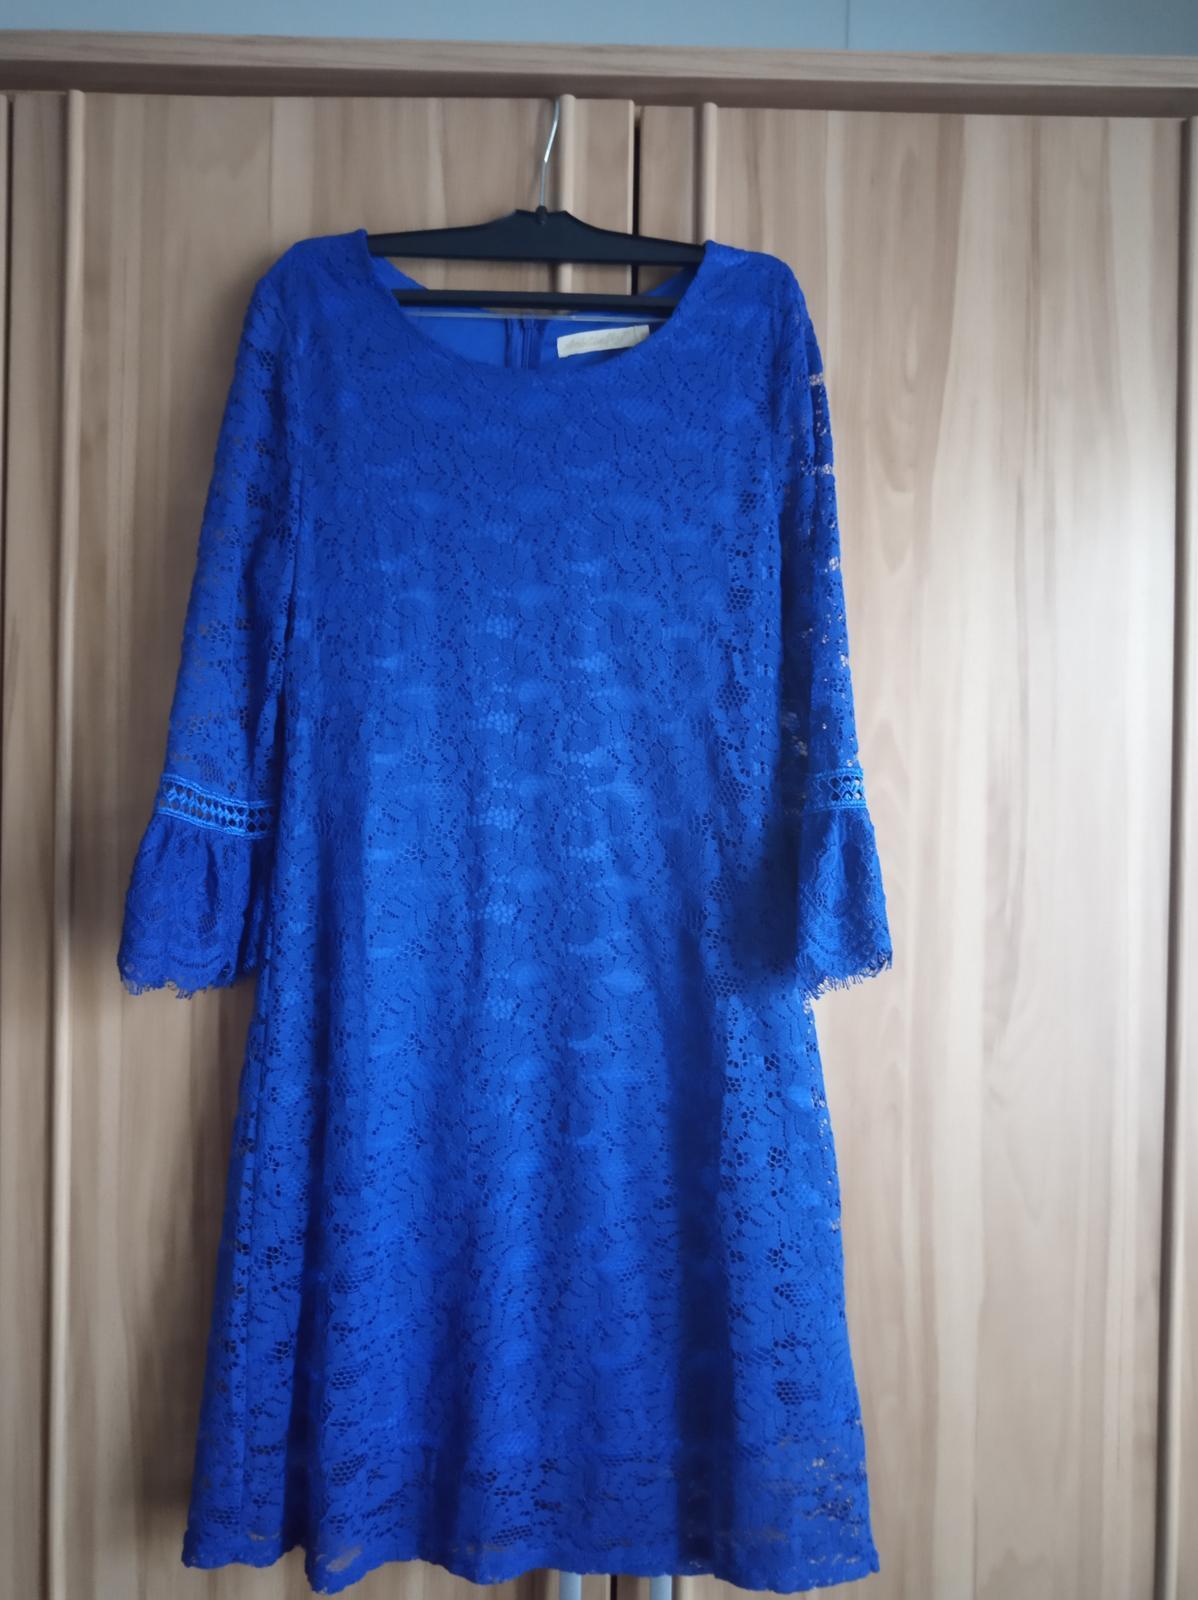 Spoločenské šaty - čipkované - Obrázok č. 1